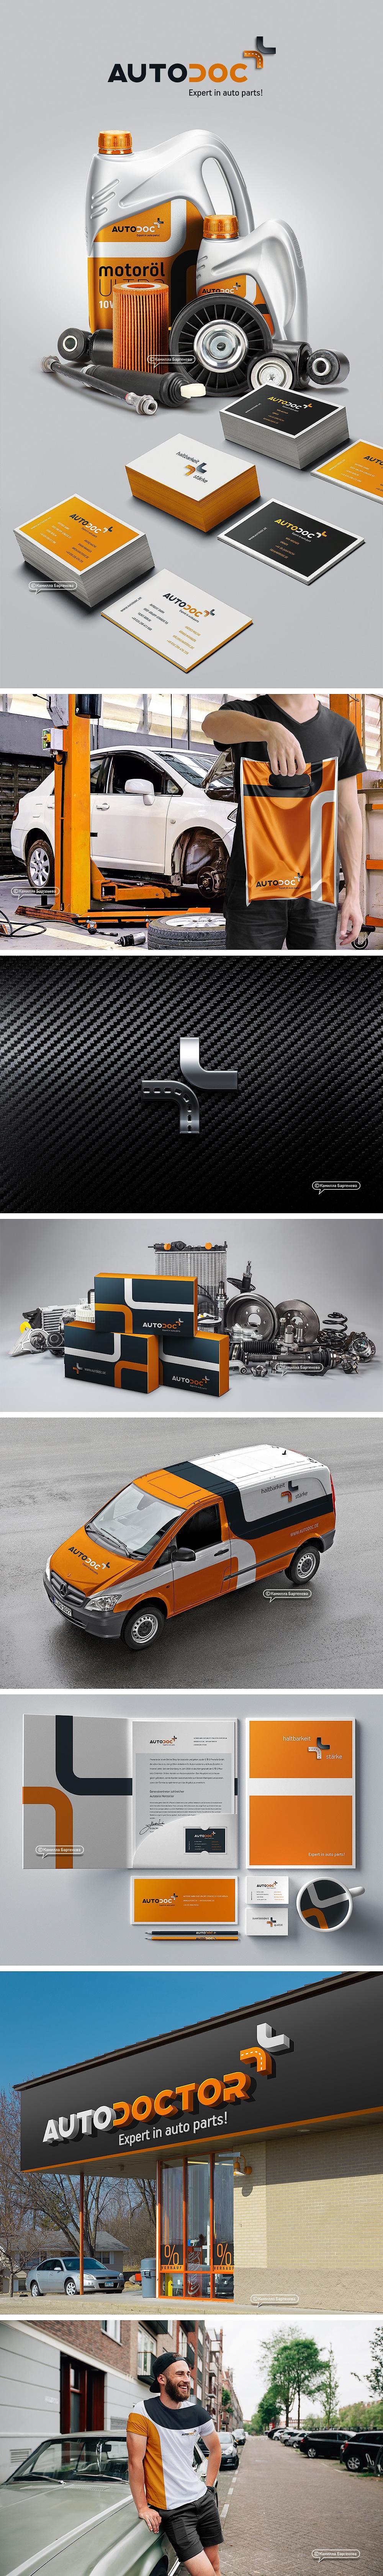 Агрегатор автозапчастей Autodoc, Германия